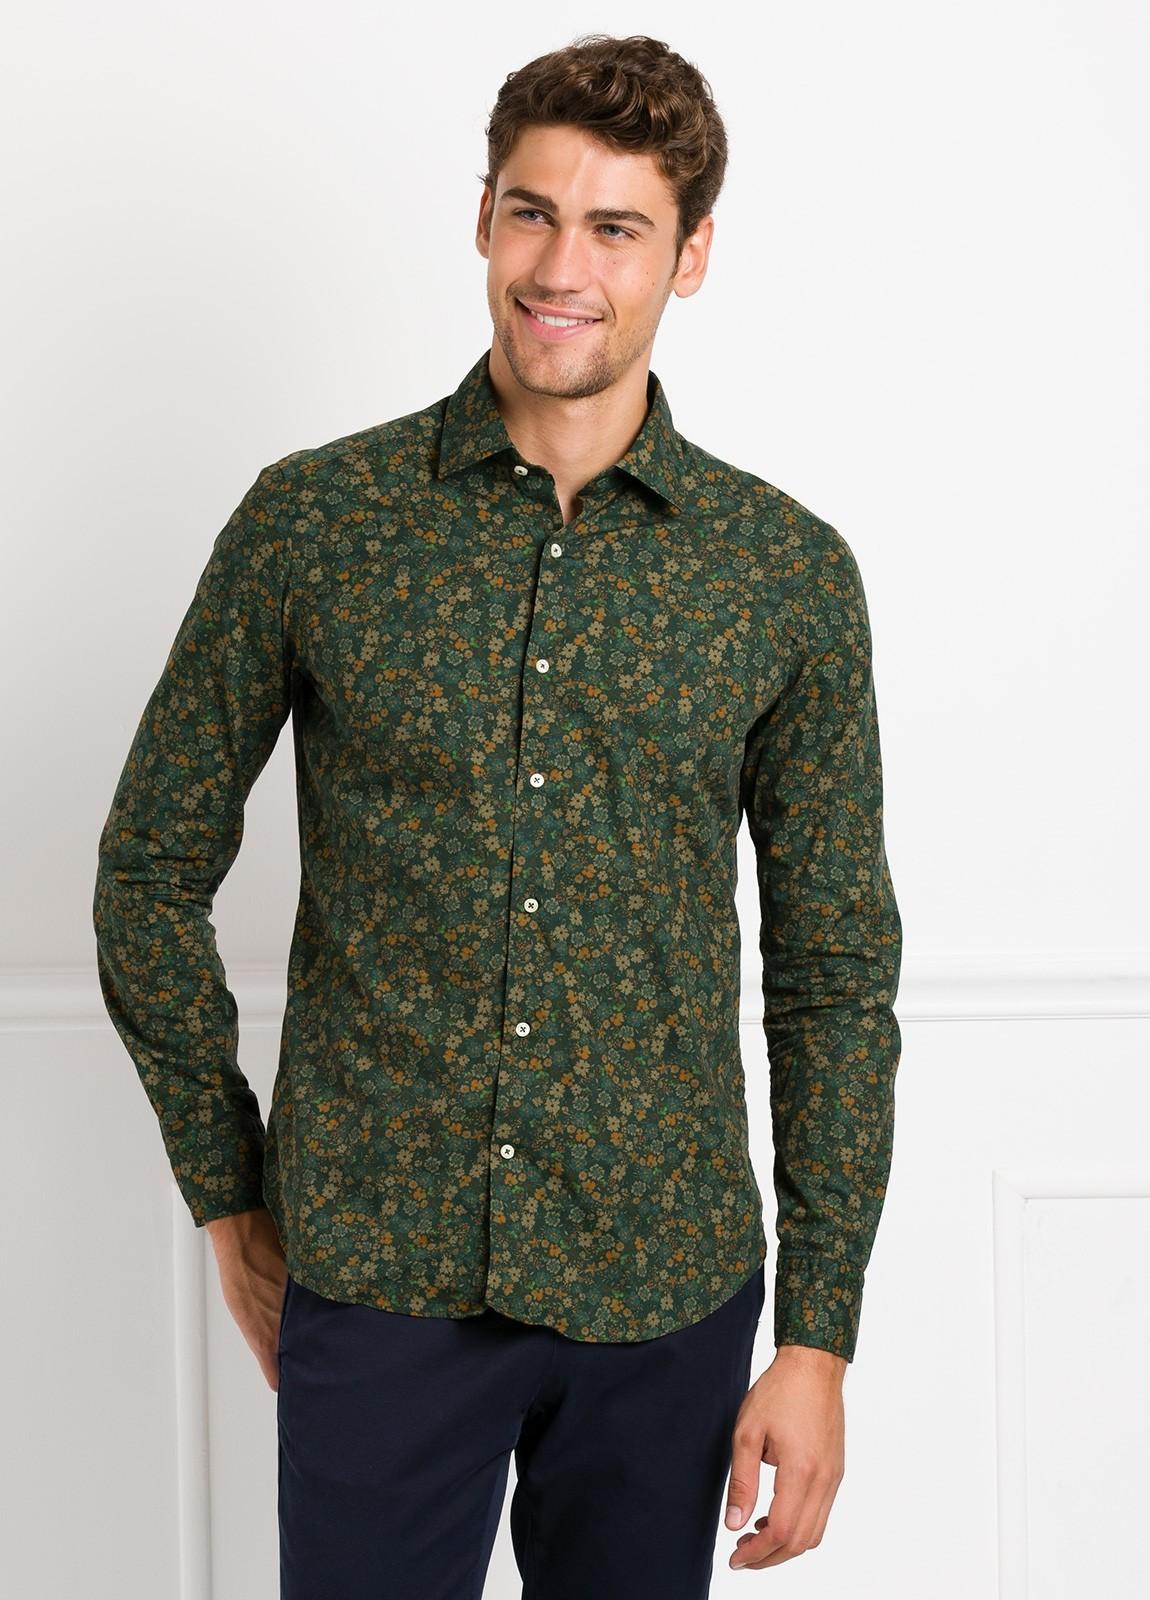 Camisa Leisure Wear SLIM FIT modelo PORTO estampado flores color verde. 100% Algodón.